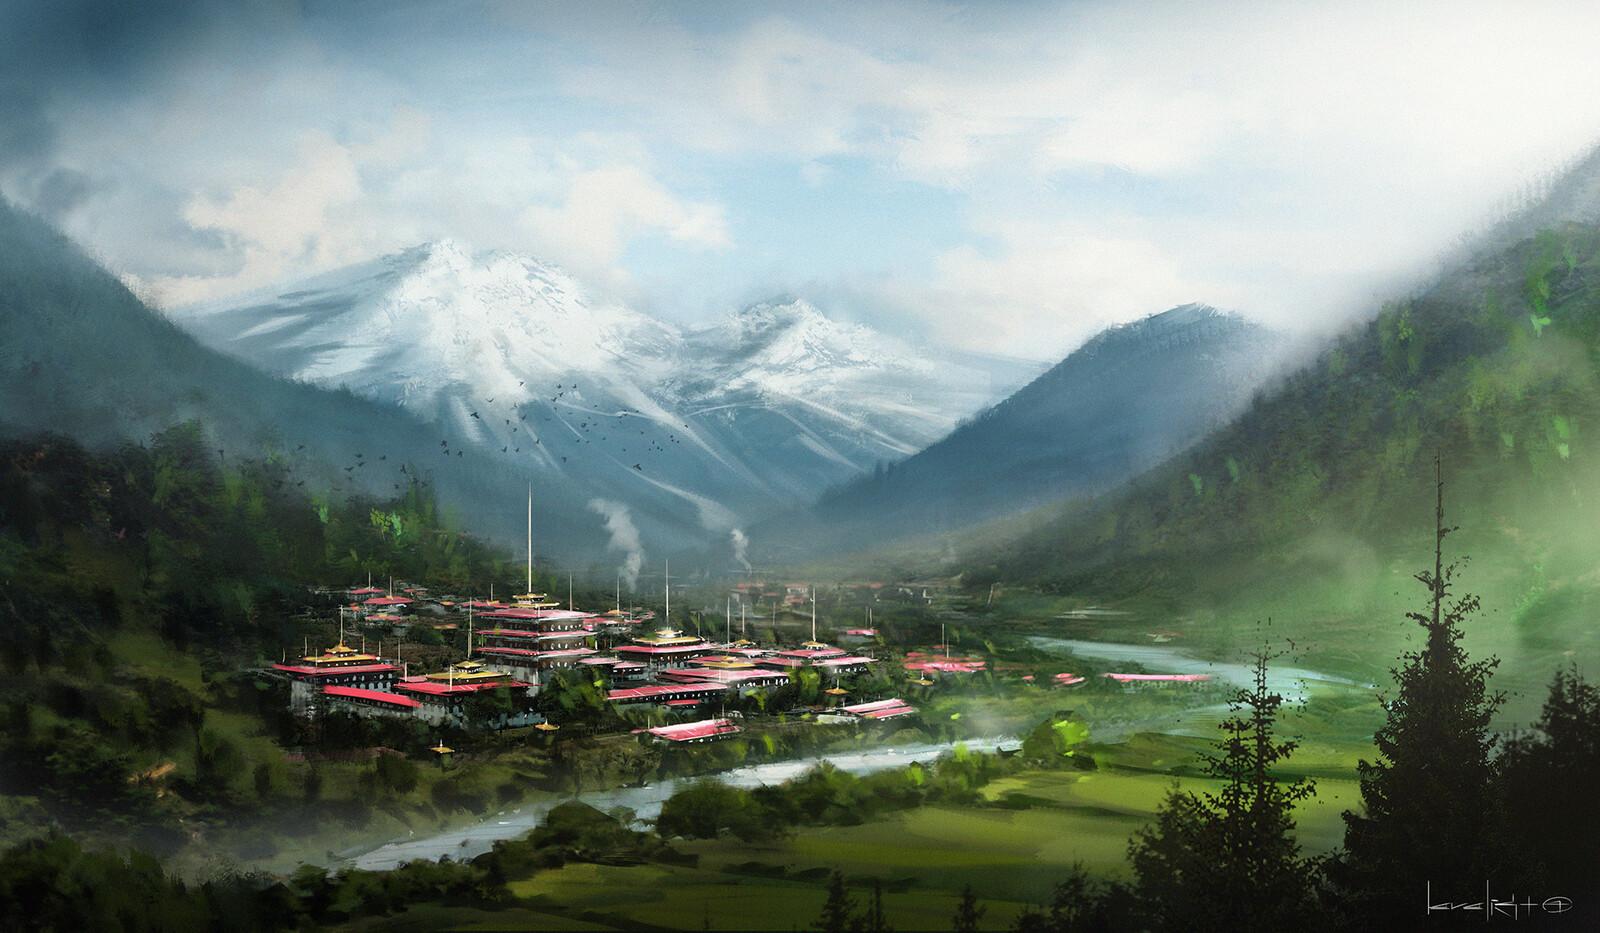 Bhutan landscape environment concept